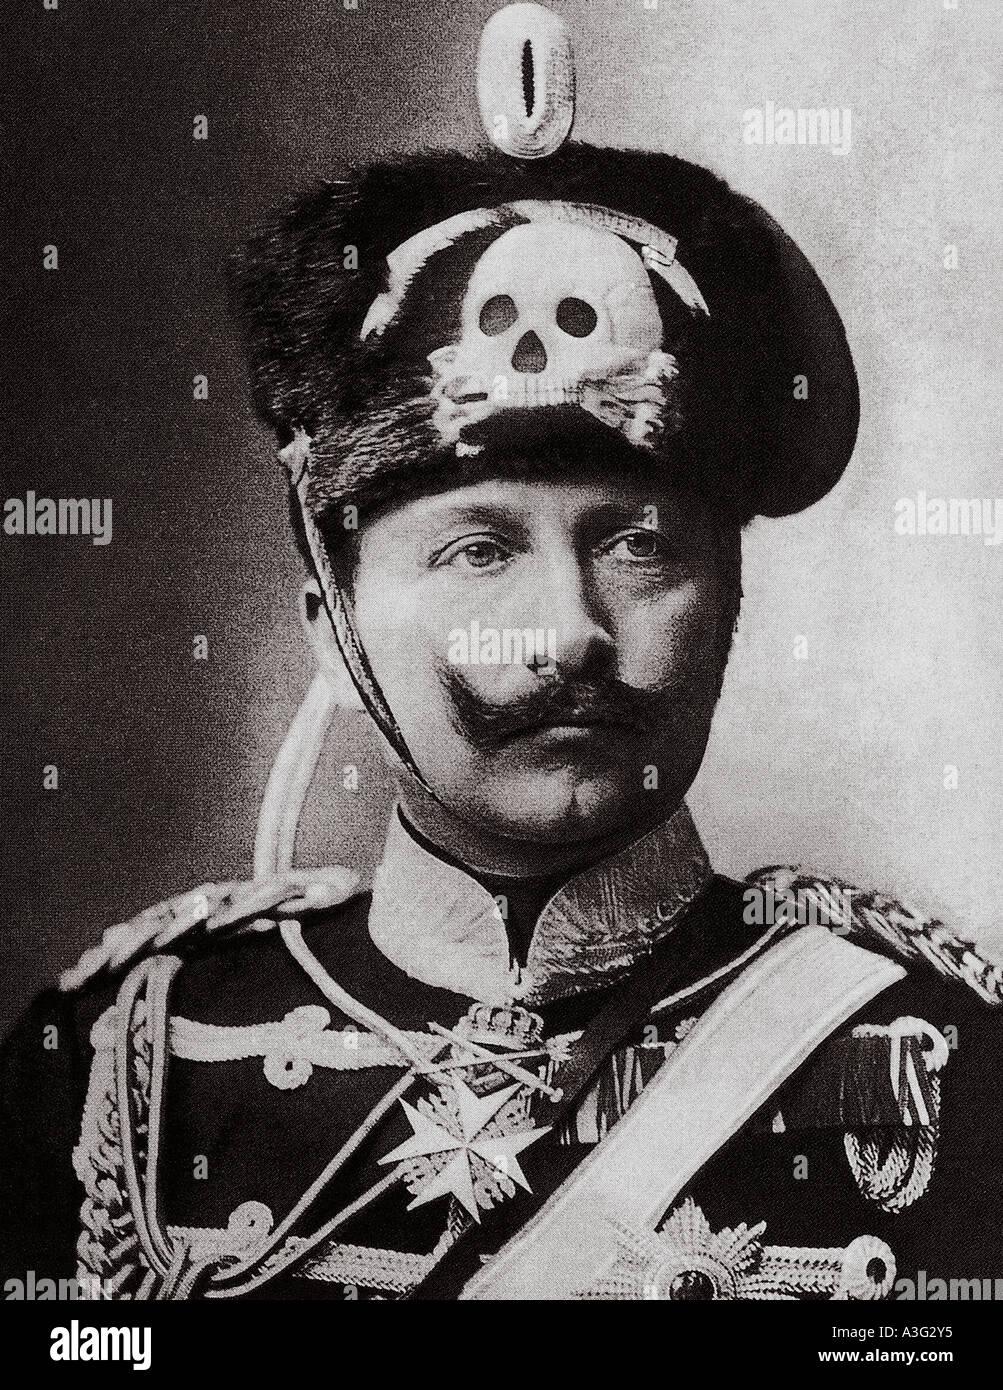 Grandson Of The Kaiser Stock Photos Grandson Of The Kaiser Stock